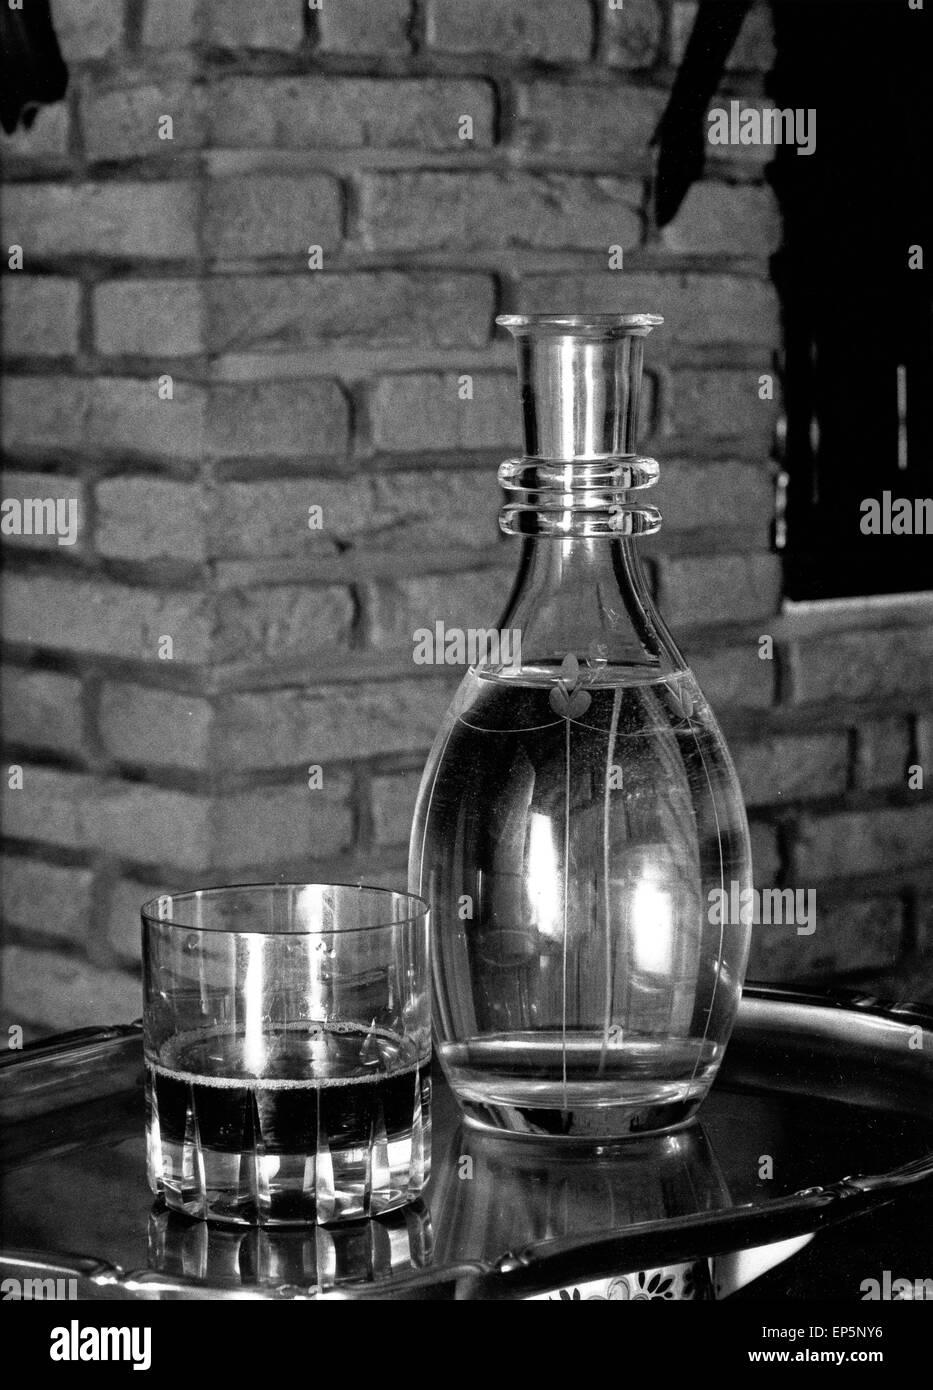 Eine Karaffe und ein gefülltes Glas daneben, Deutschland 1980er Jahre. A carafe and a half filled glass beside, - Stock Image